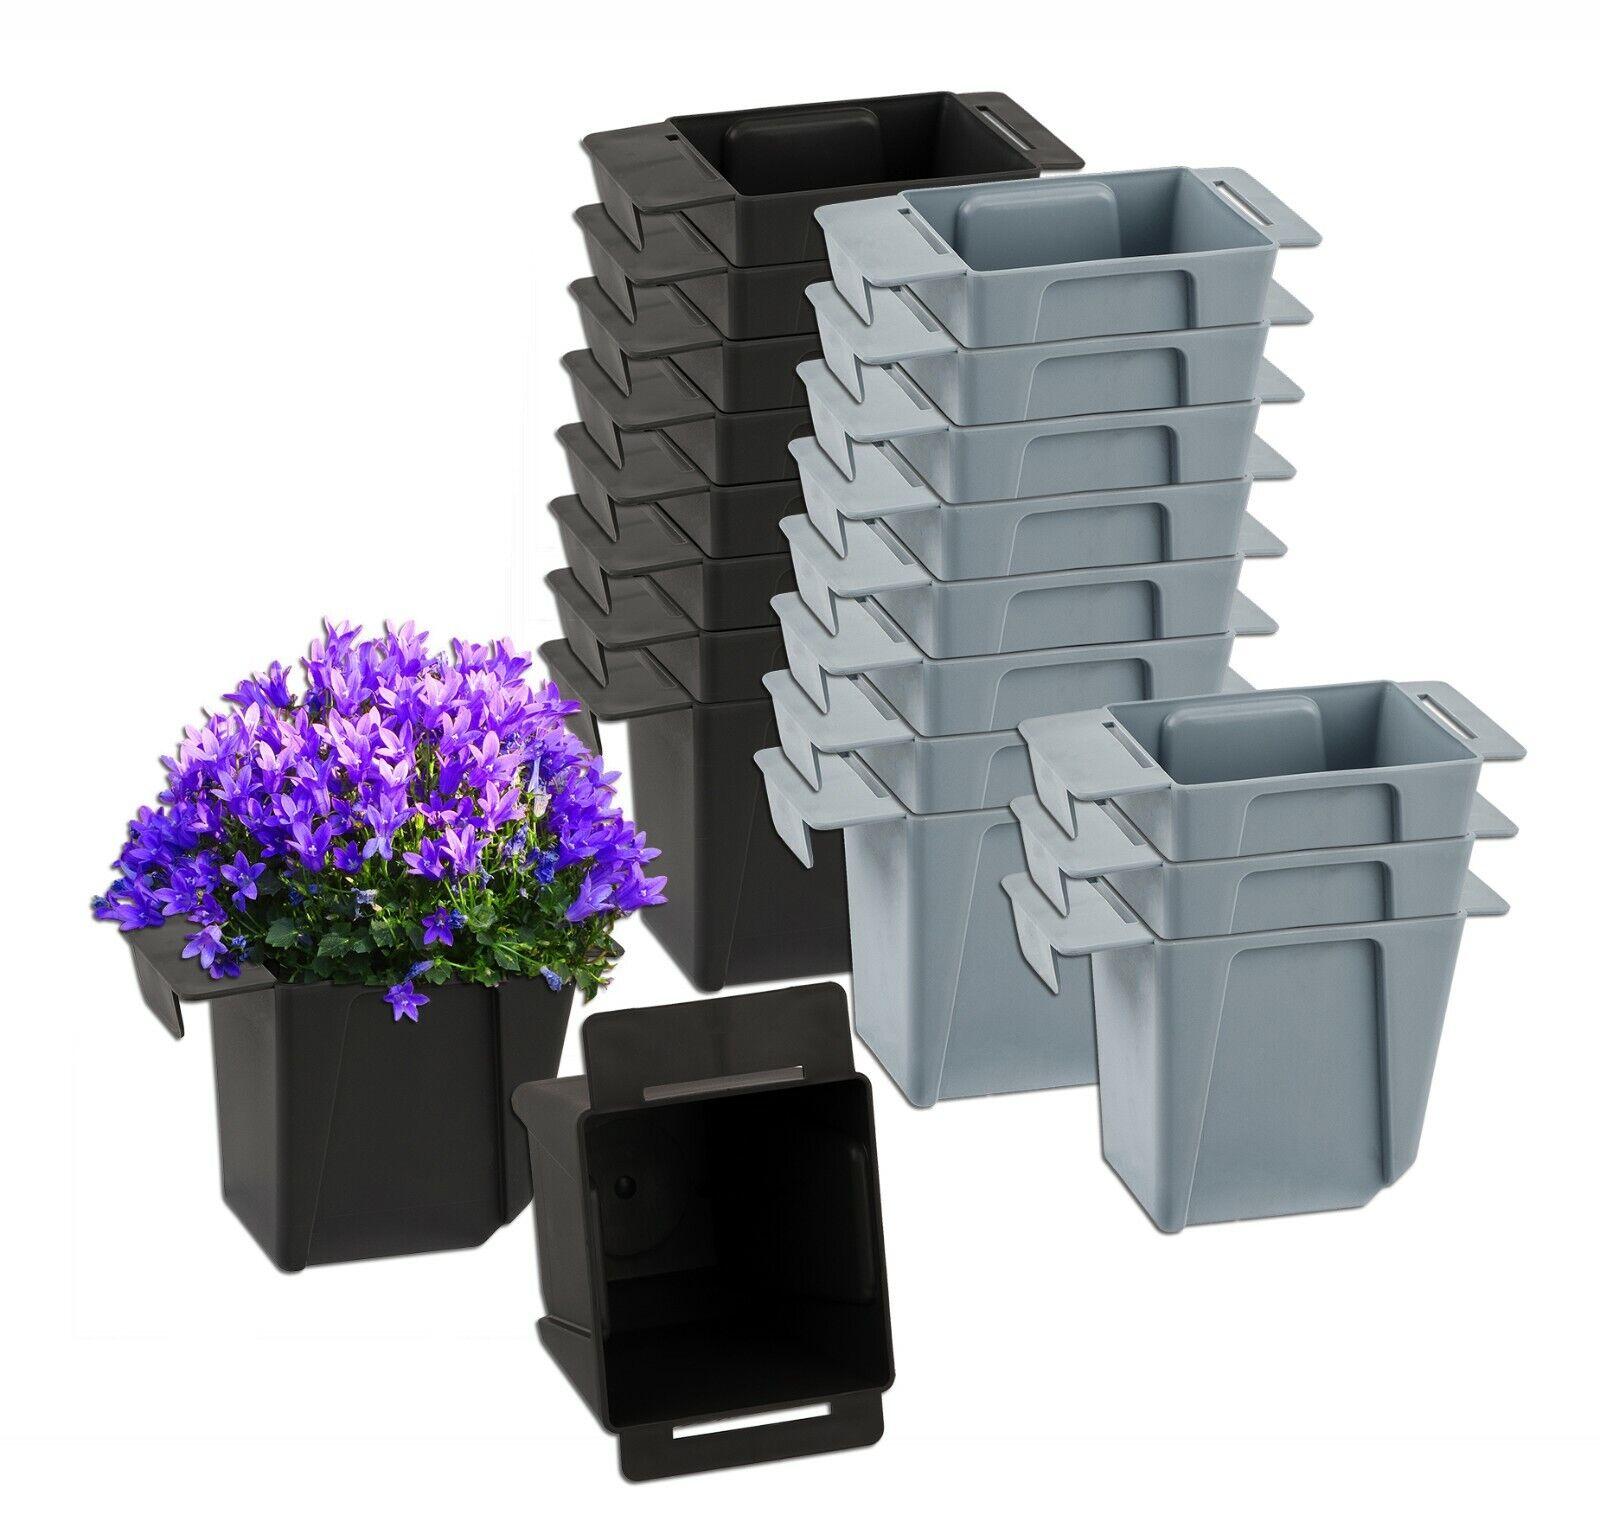 Palettenkasten Pflanzkübel Blumentopf Hängekasten Einsatz Kiste für Europalette